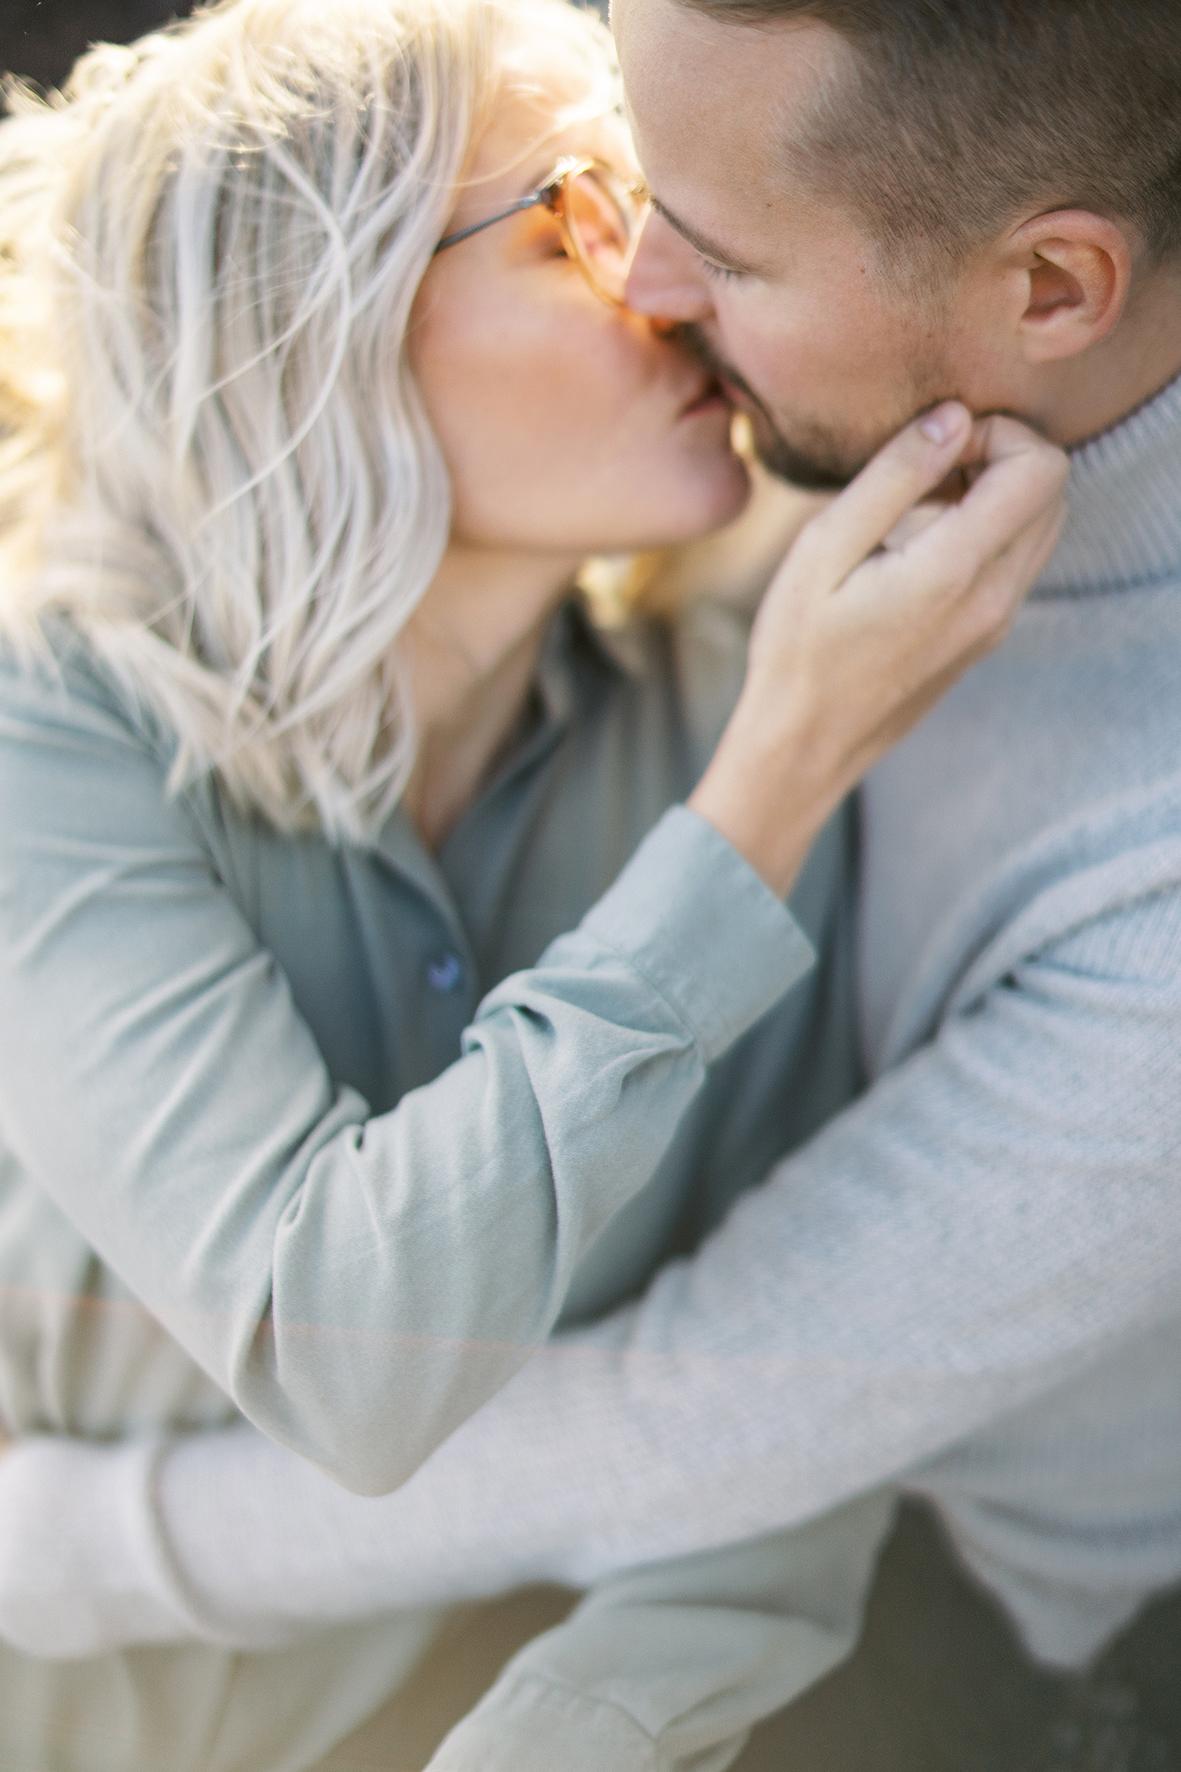 vapaa dating sivustot ei luotto kortteja